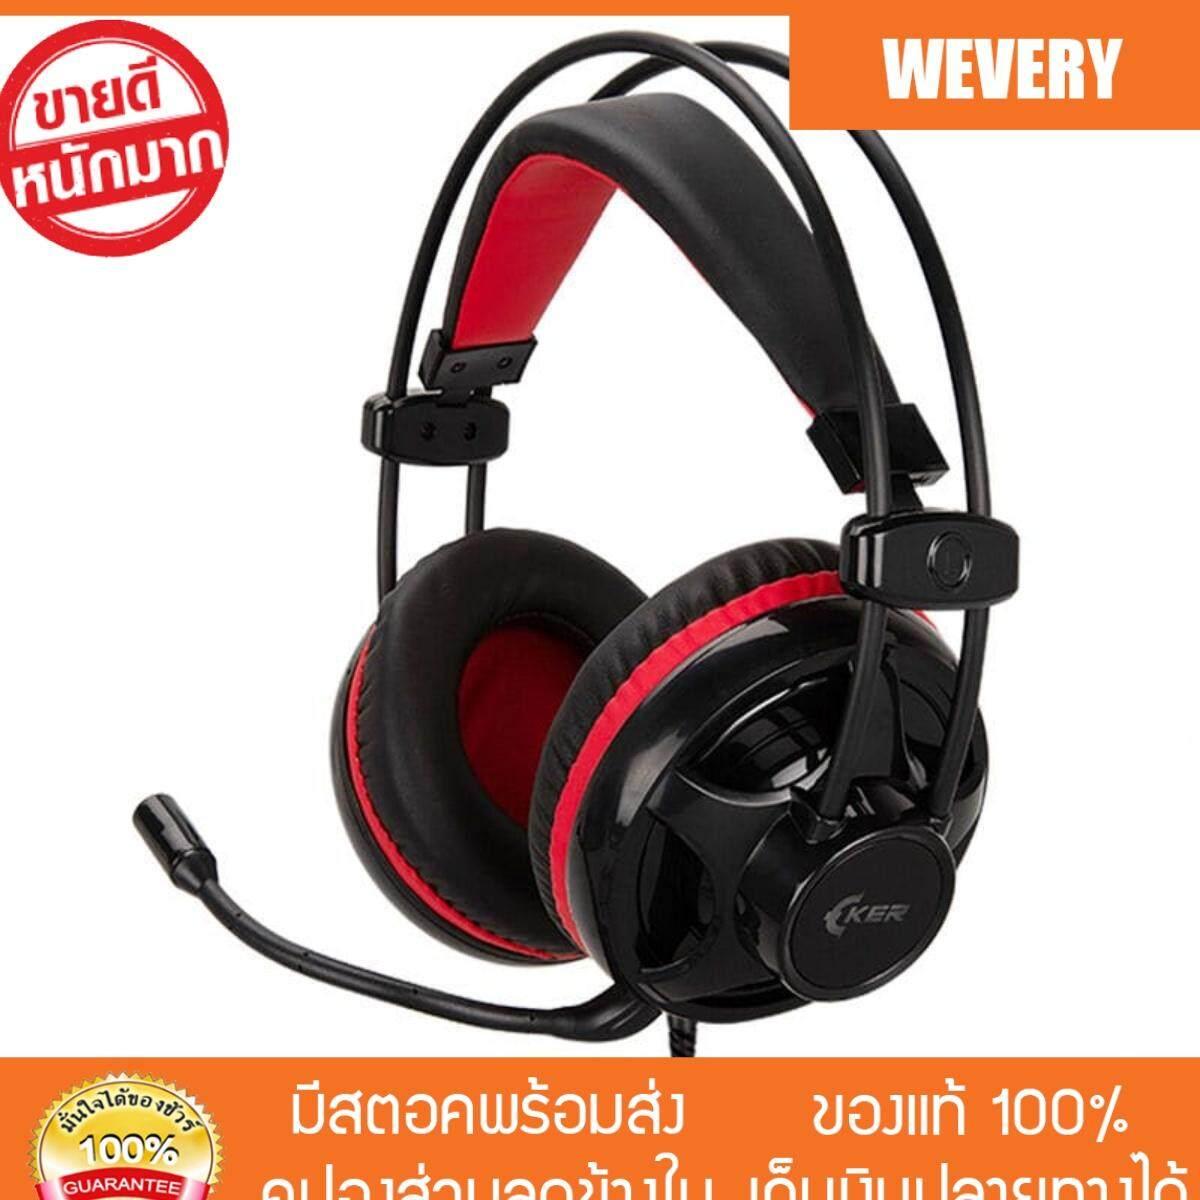 ลดสุดๆ [Wevery] HEADPHONE OKER H-17 สีดำ headphone gaming หูฟังเกมมิ่ง oker หูฟังครอบหู หูฟังสำหรับคอม หูฟังแบบครอบ ส่ง Kerry เก็บปลายทางได้